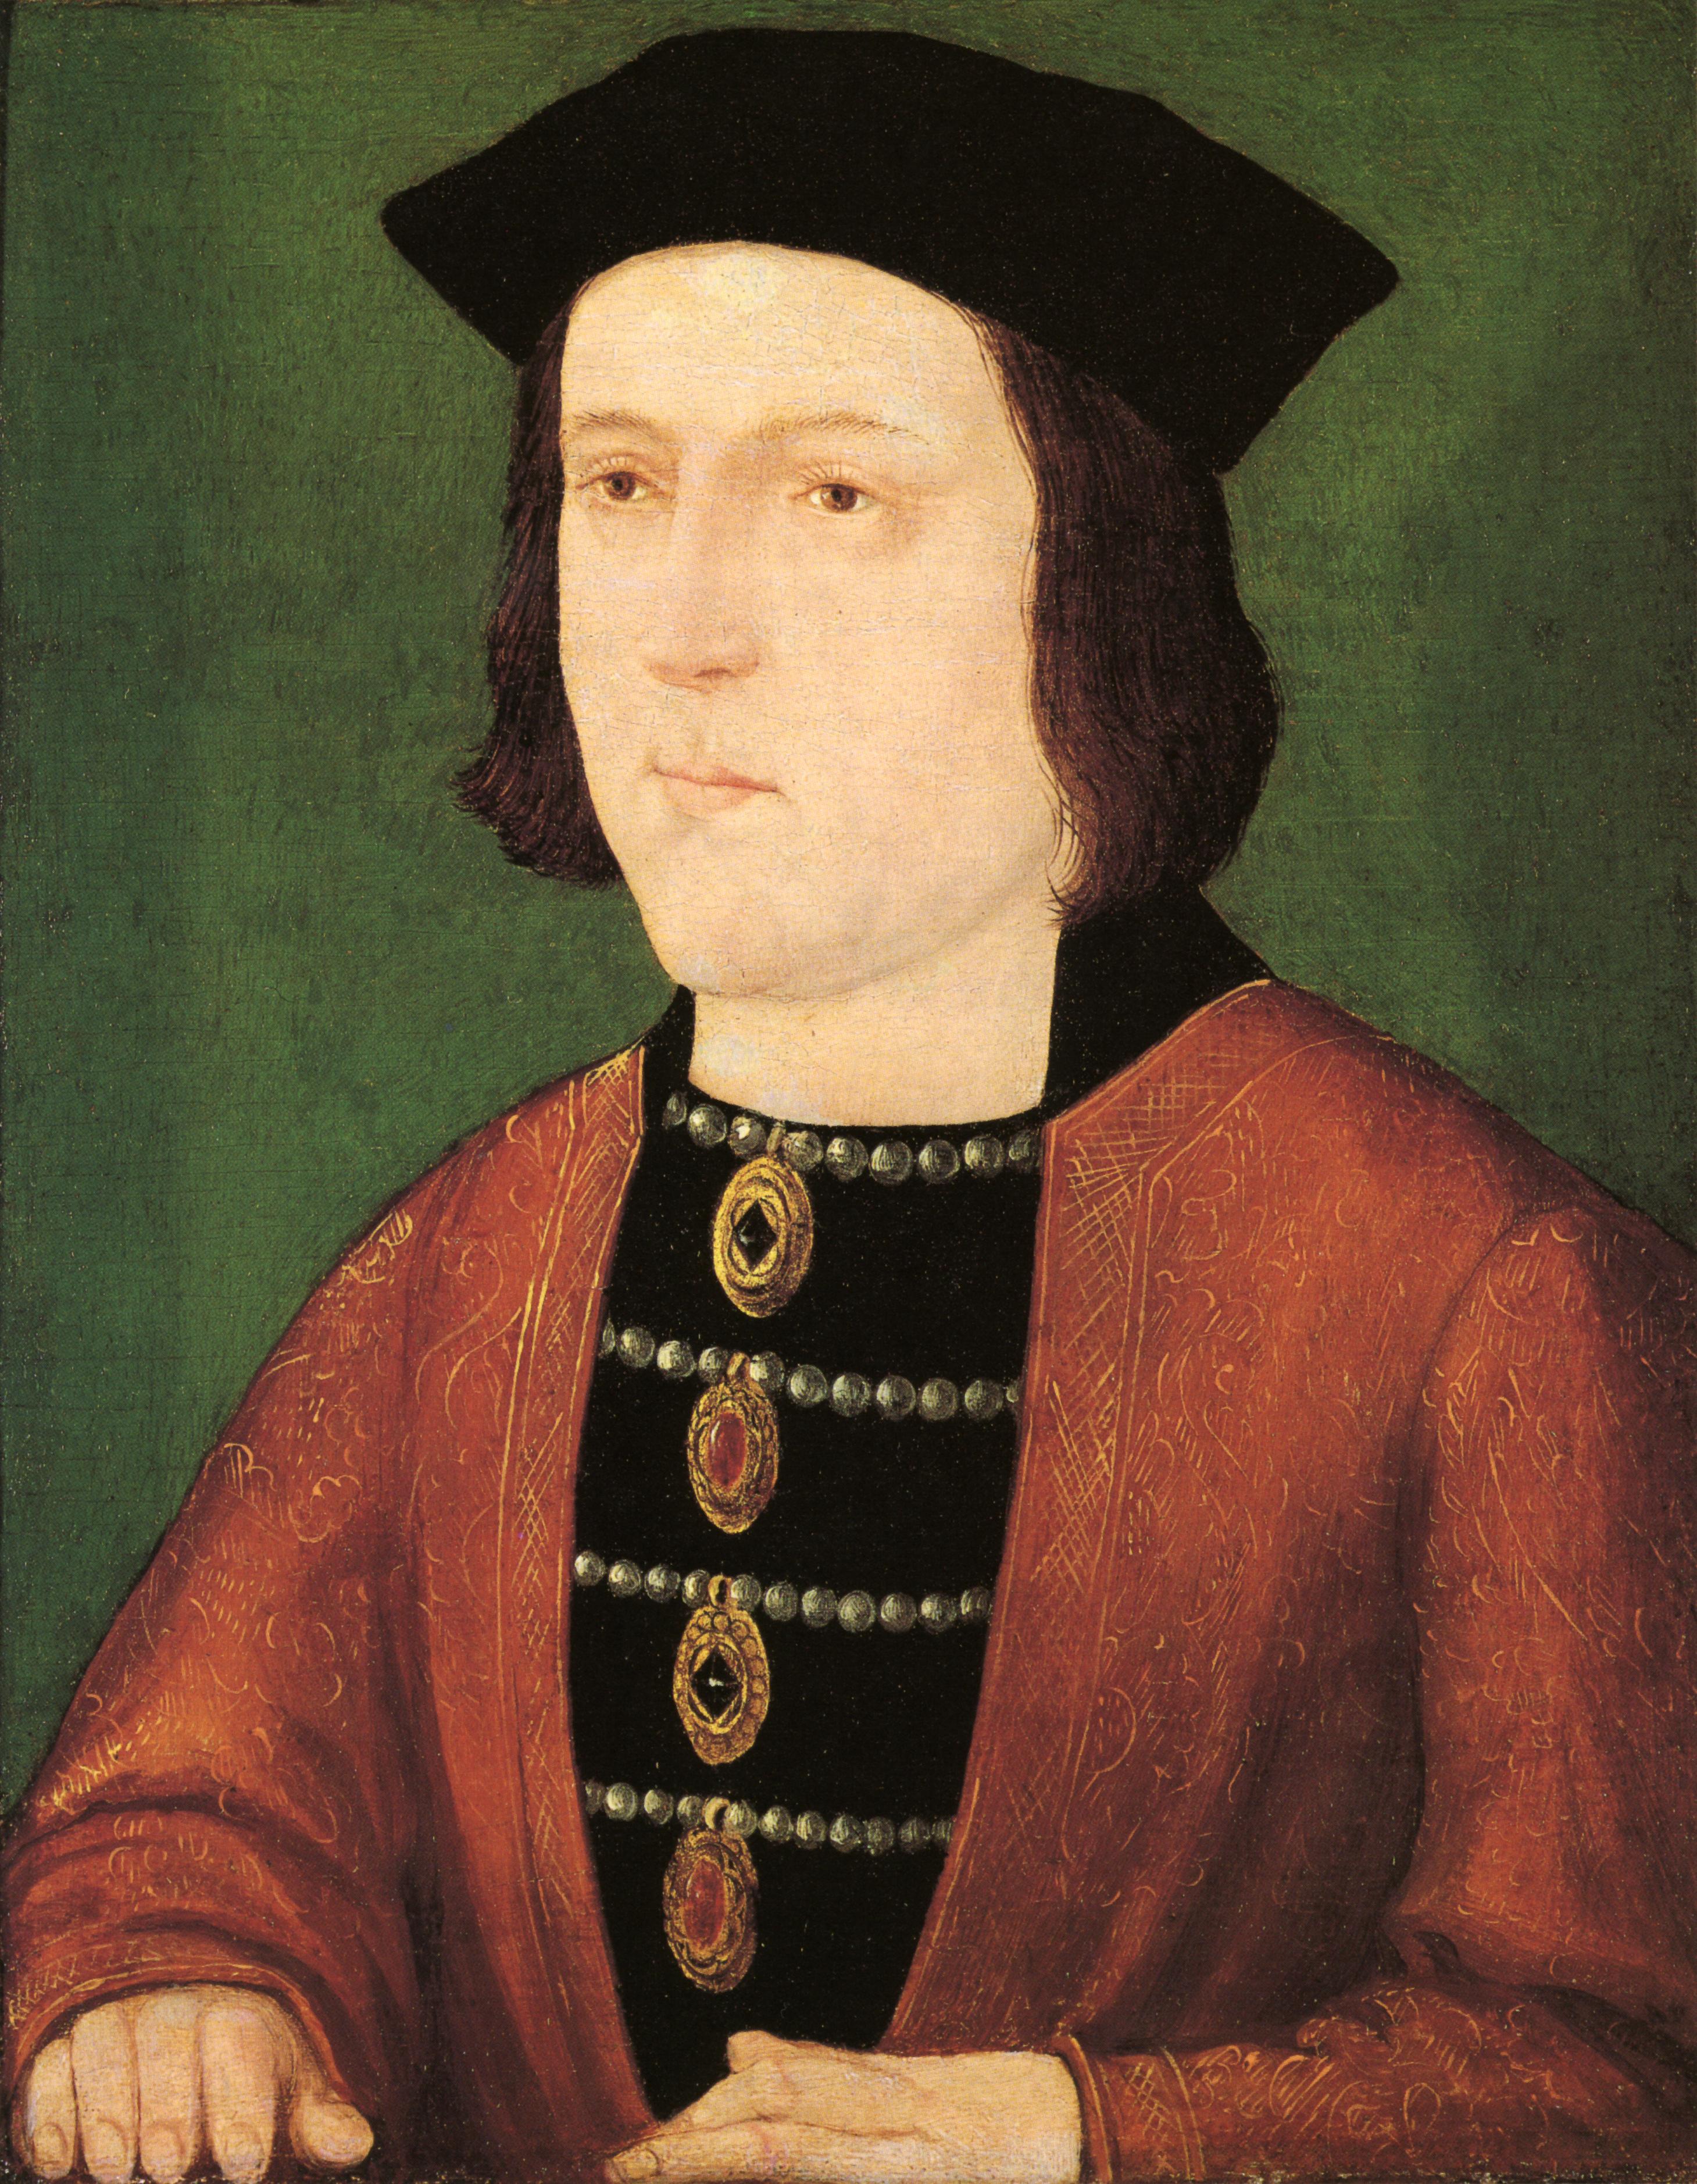 Edward IV of England - Wikipedia